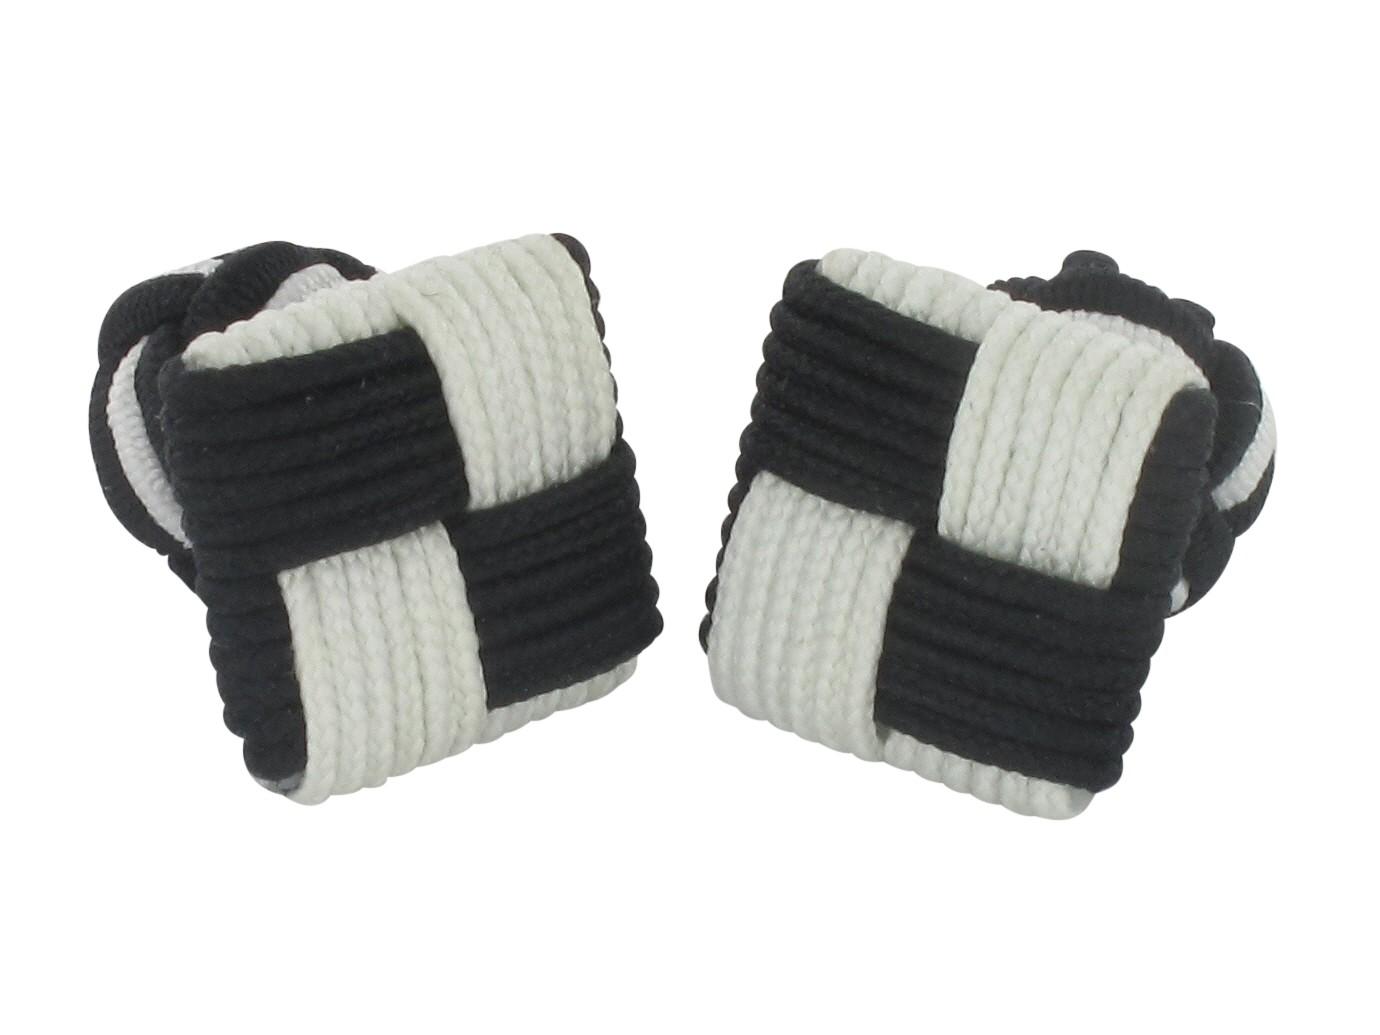 TEROON Manschettenknöpfe Seidenknoten schwarz-weiß